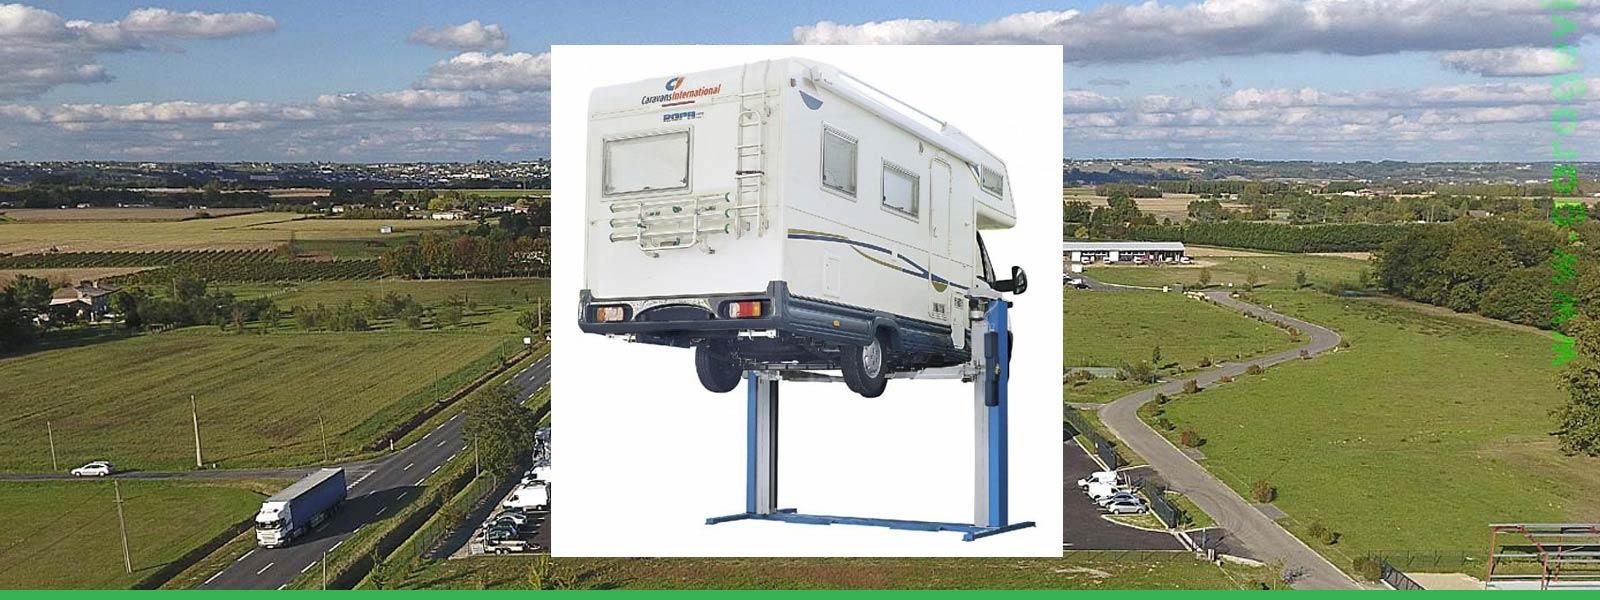 La solution entretien et réparation mécanique pour votre camping-car